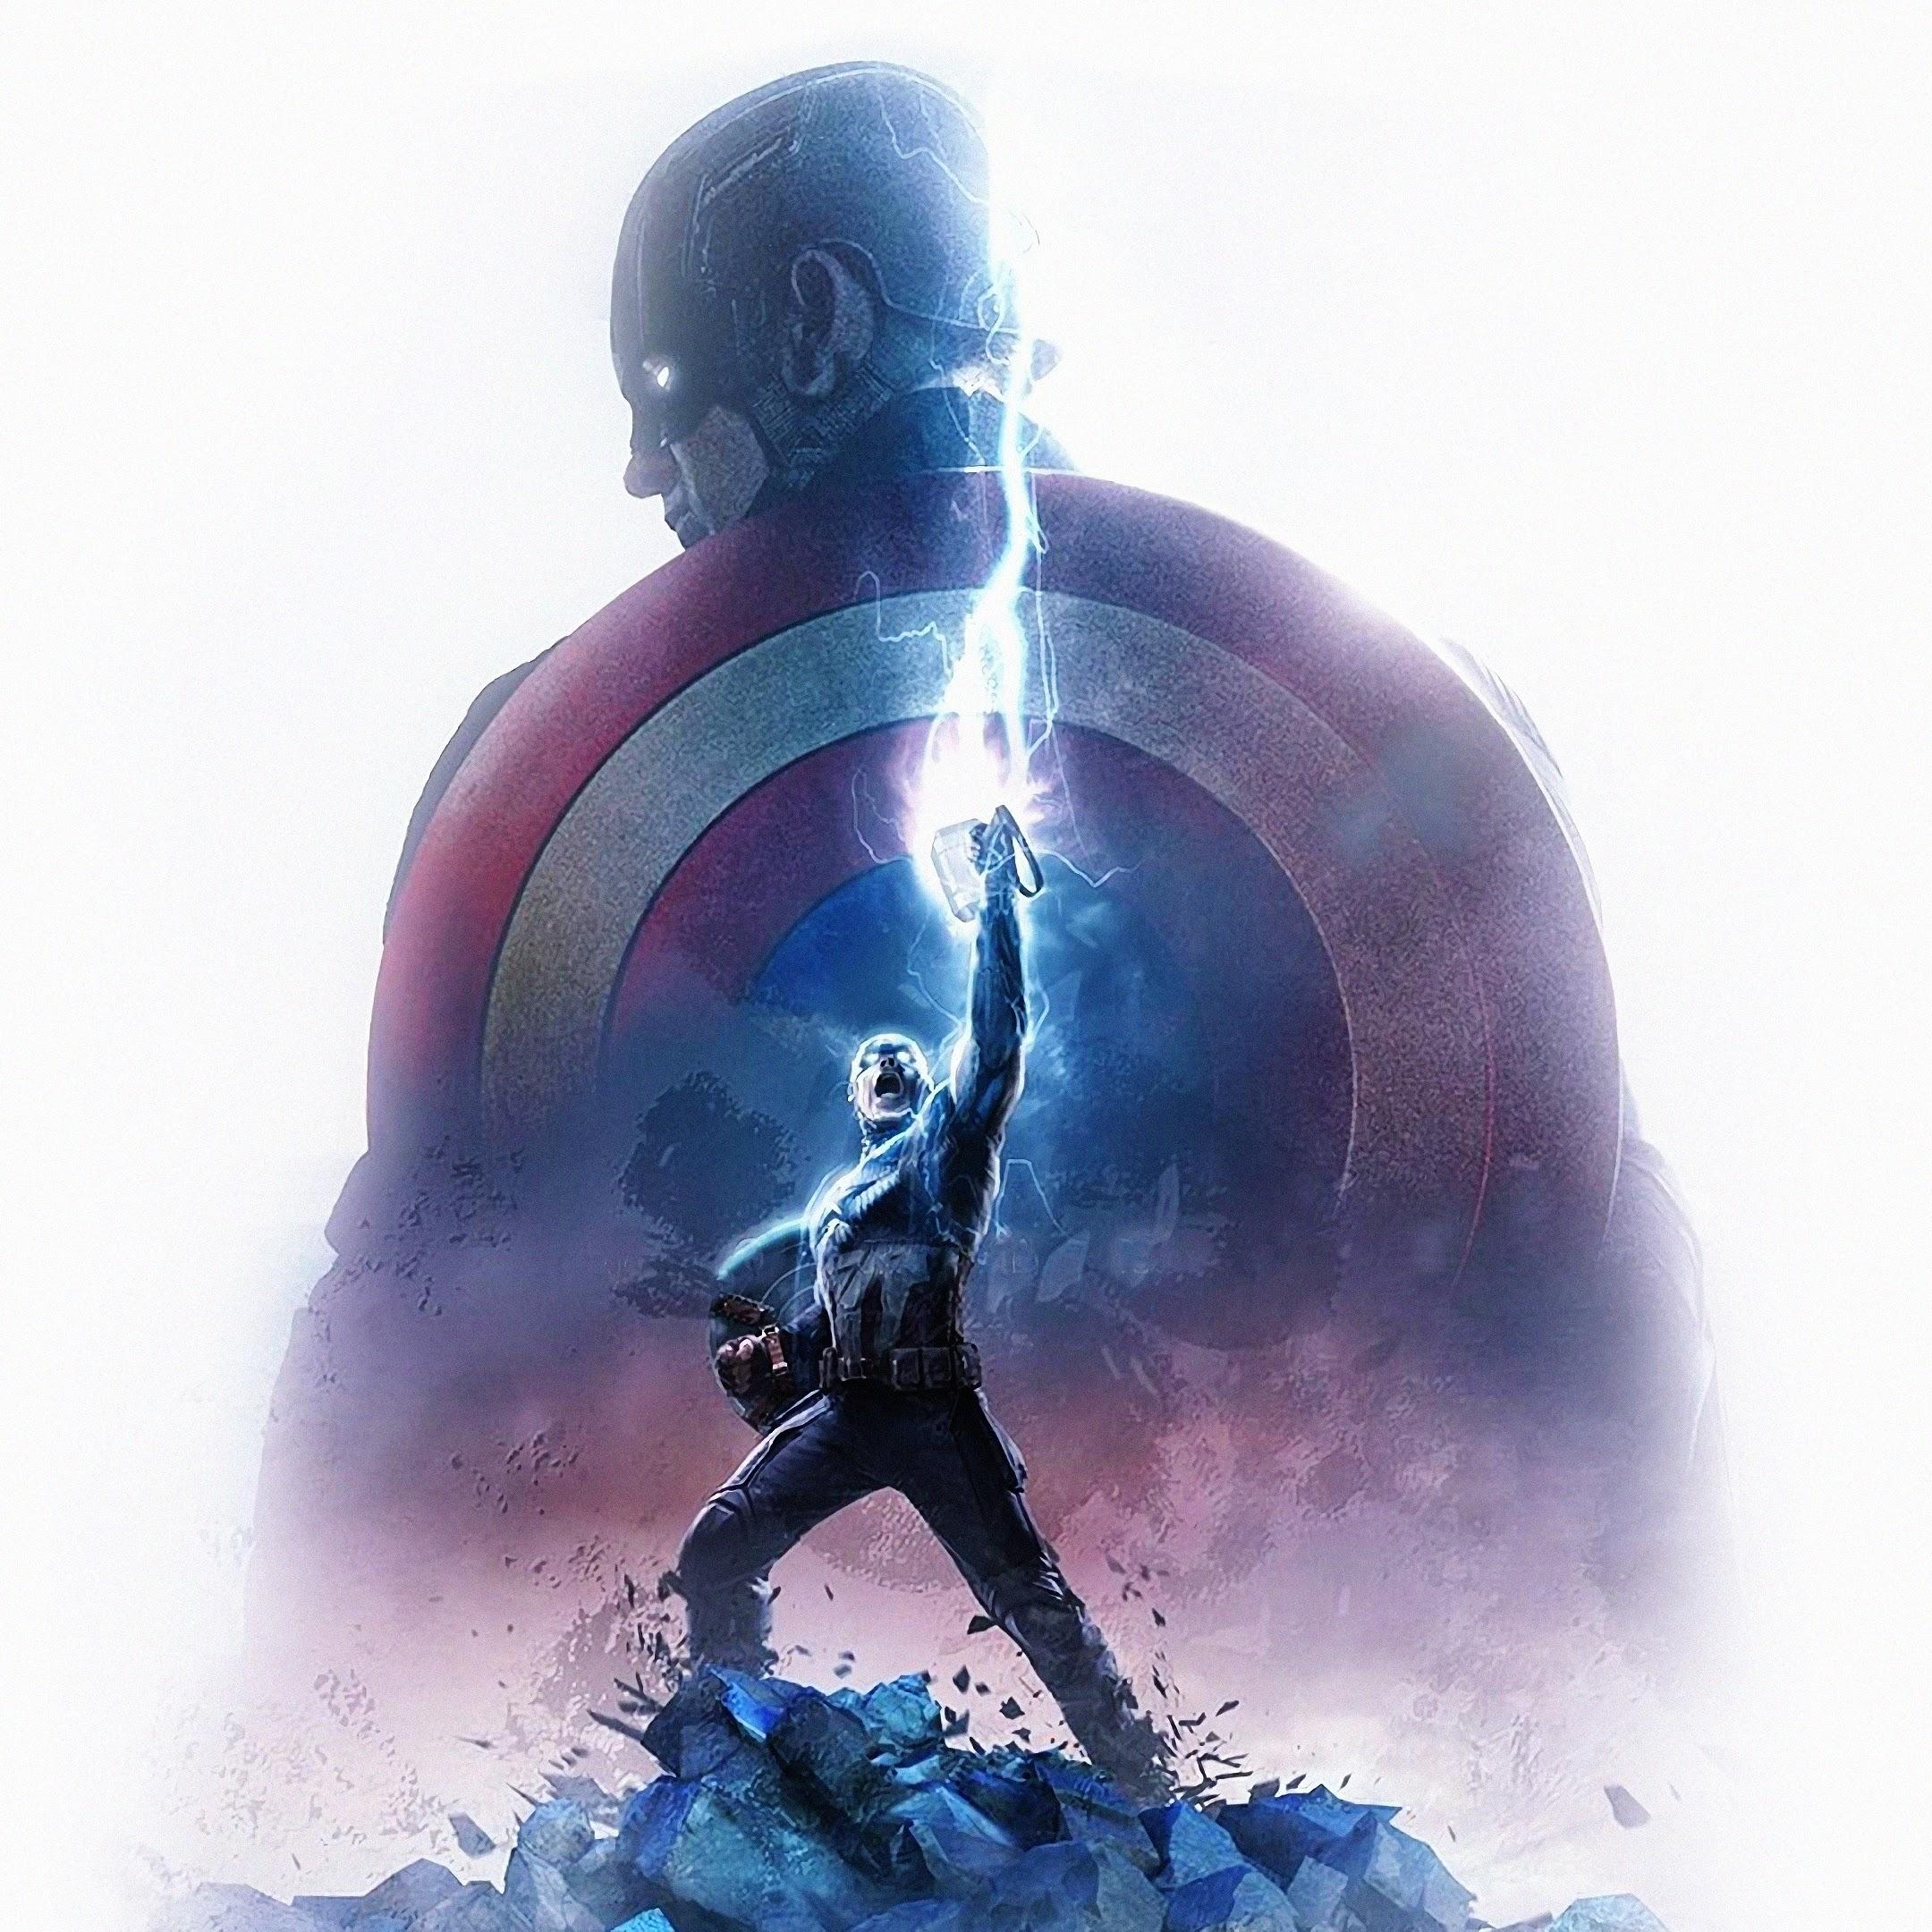 Avengers: Endgame, Captain America, Thor Hammer, Lightning